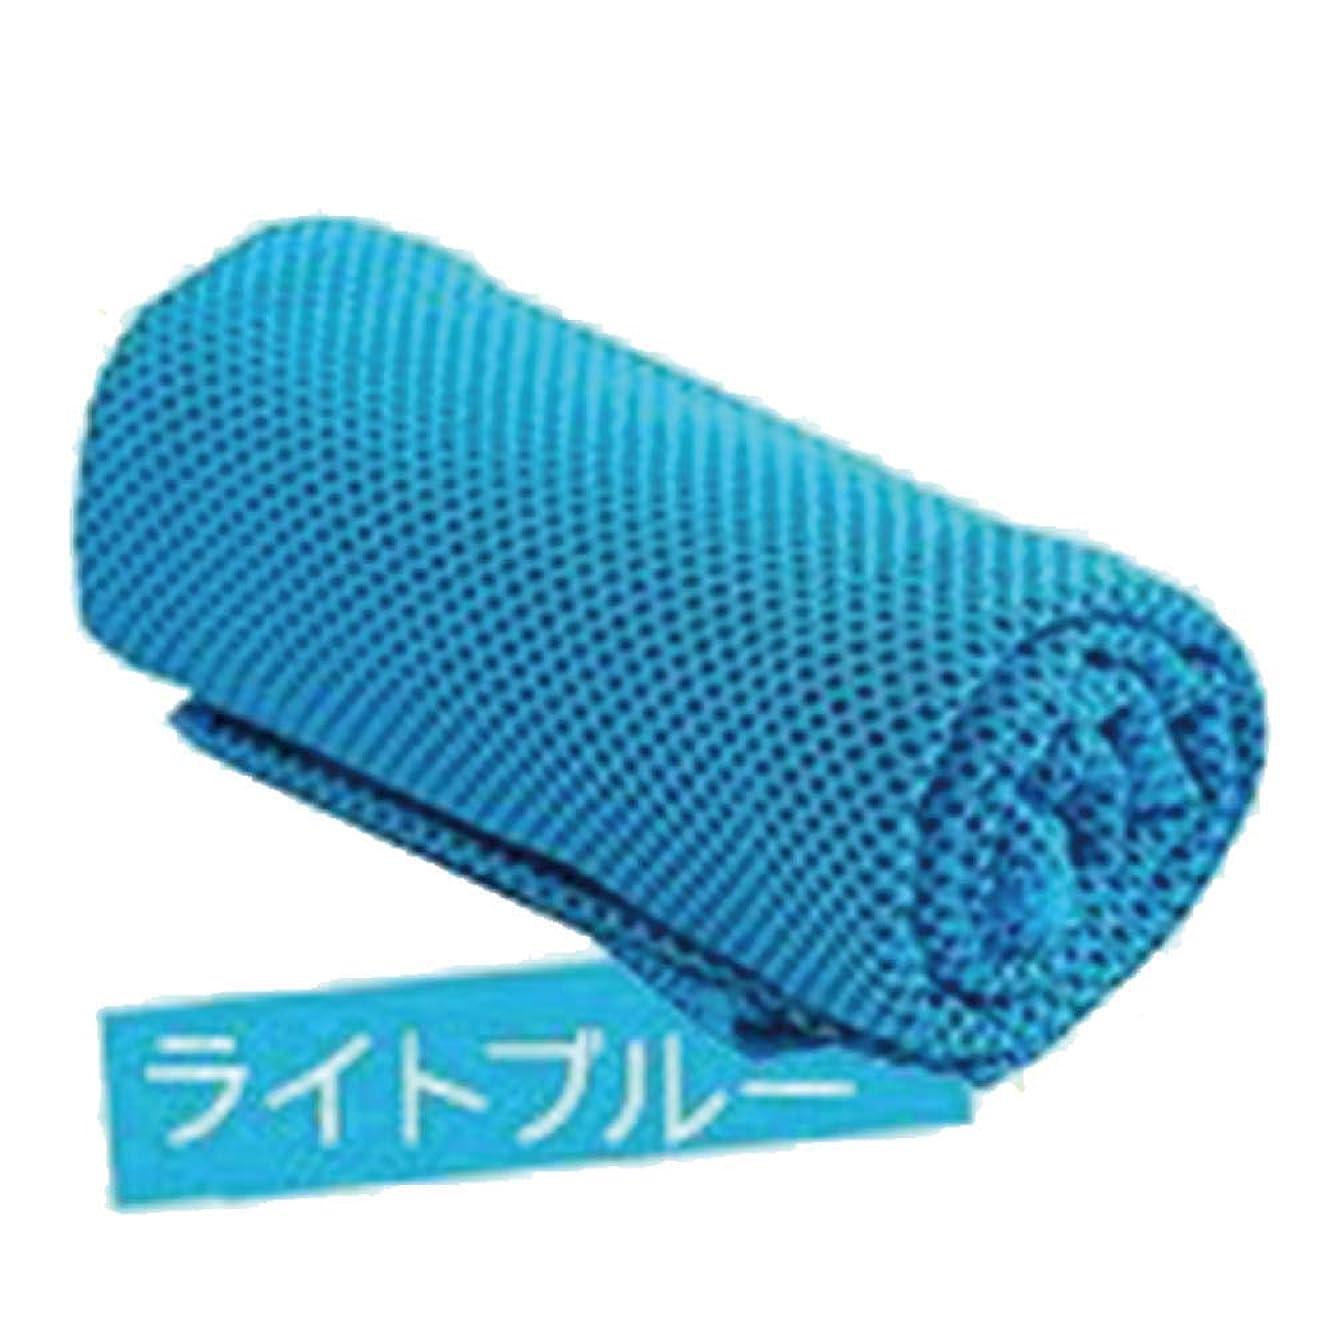 保全塗抹即席水で濡らして ひんやりクールタオル 持ち運び ジップ袋 ひんやりタオル 冷却タオル 大人から子供まで 冷間タオル (ライトブルー)